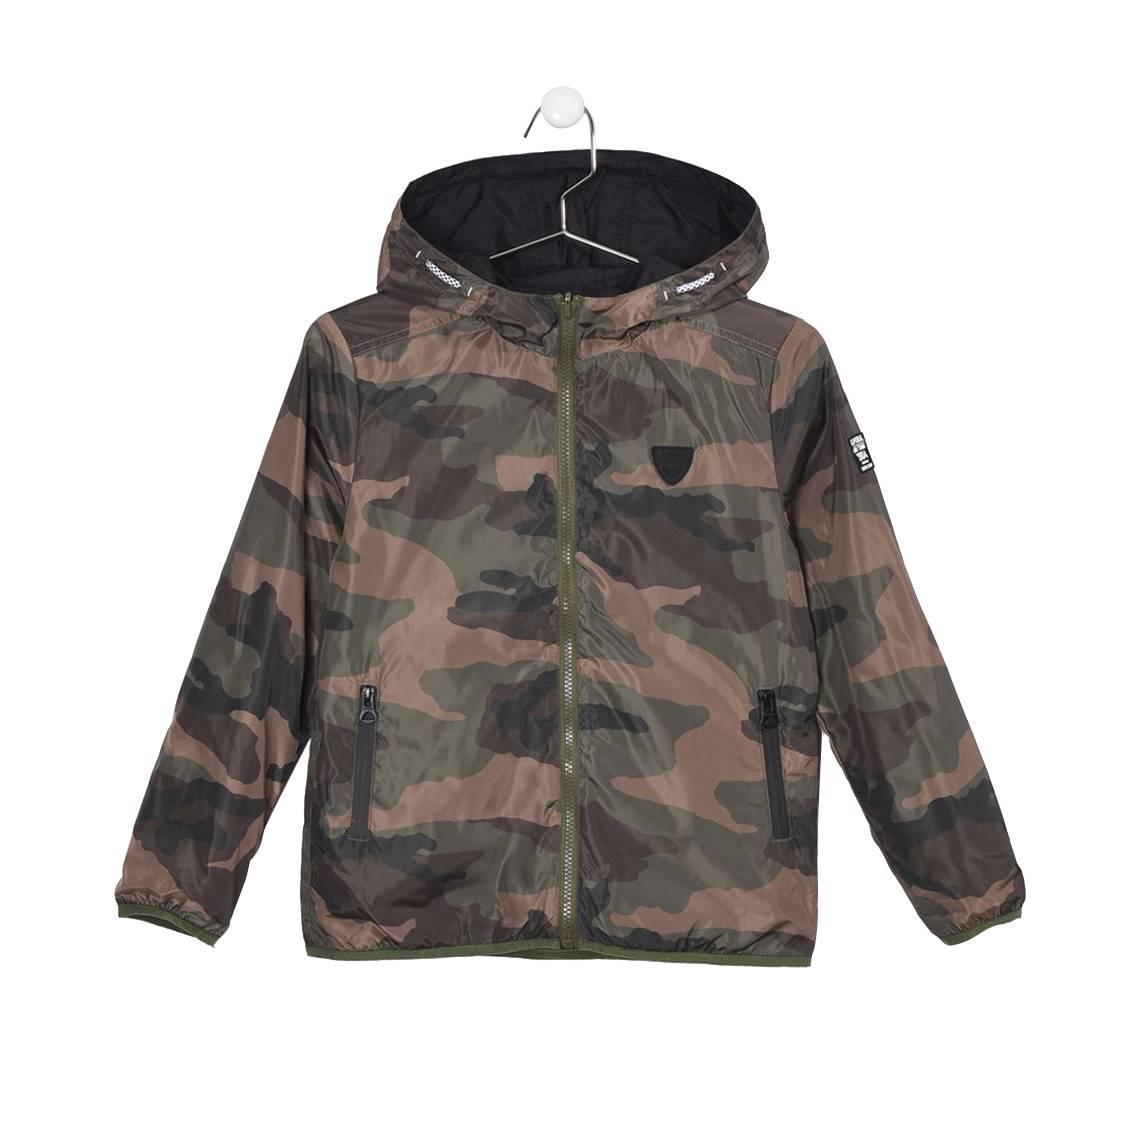 Coup vent à capuche  rakam à imprimé camouflage réversible en noir